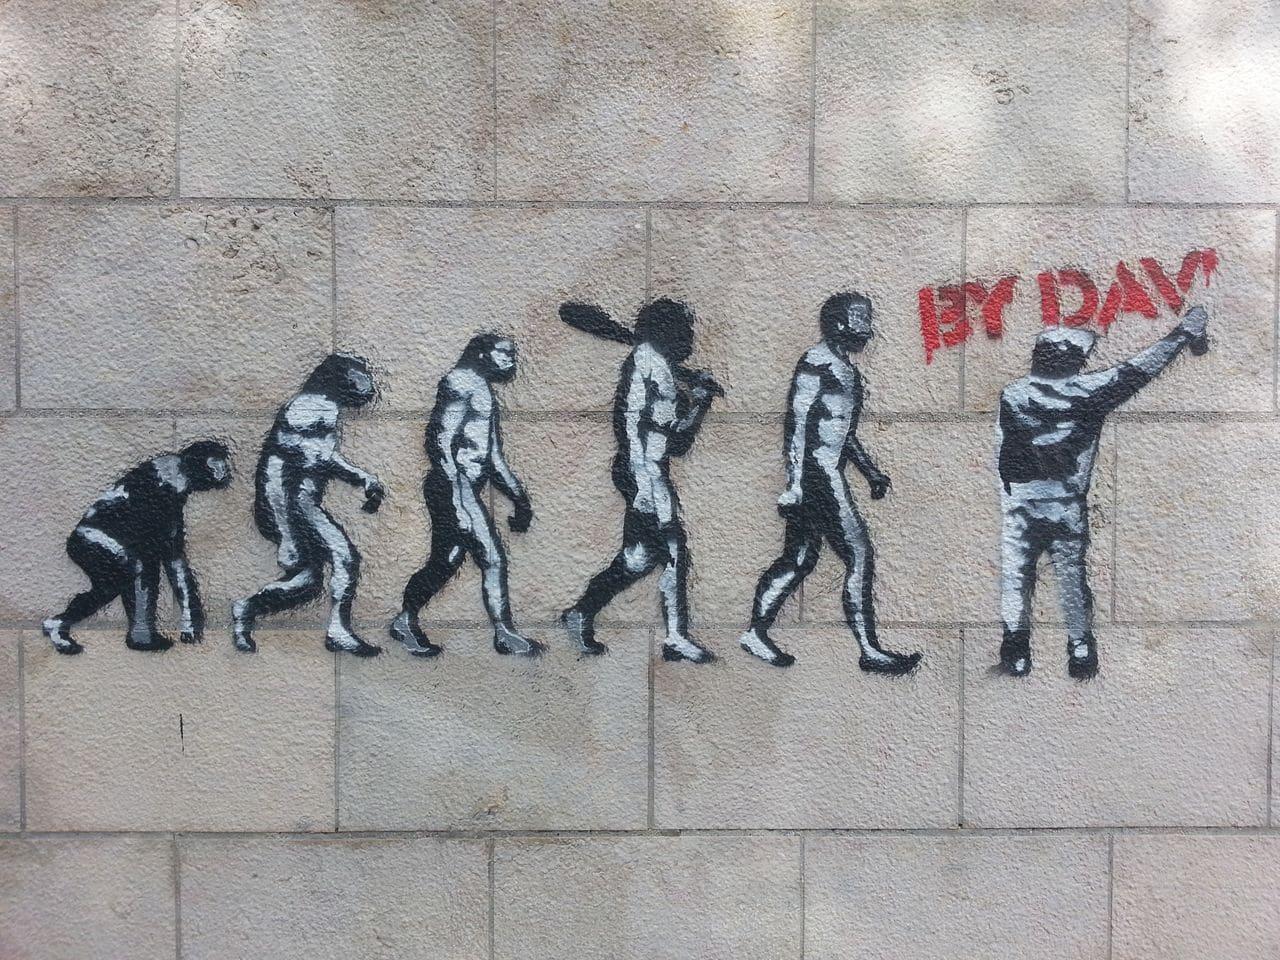 street art montée grande cote lyon by dav